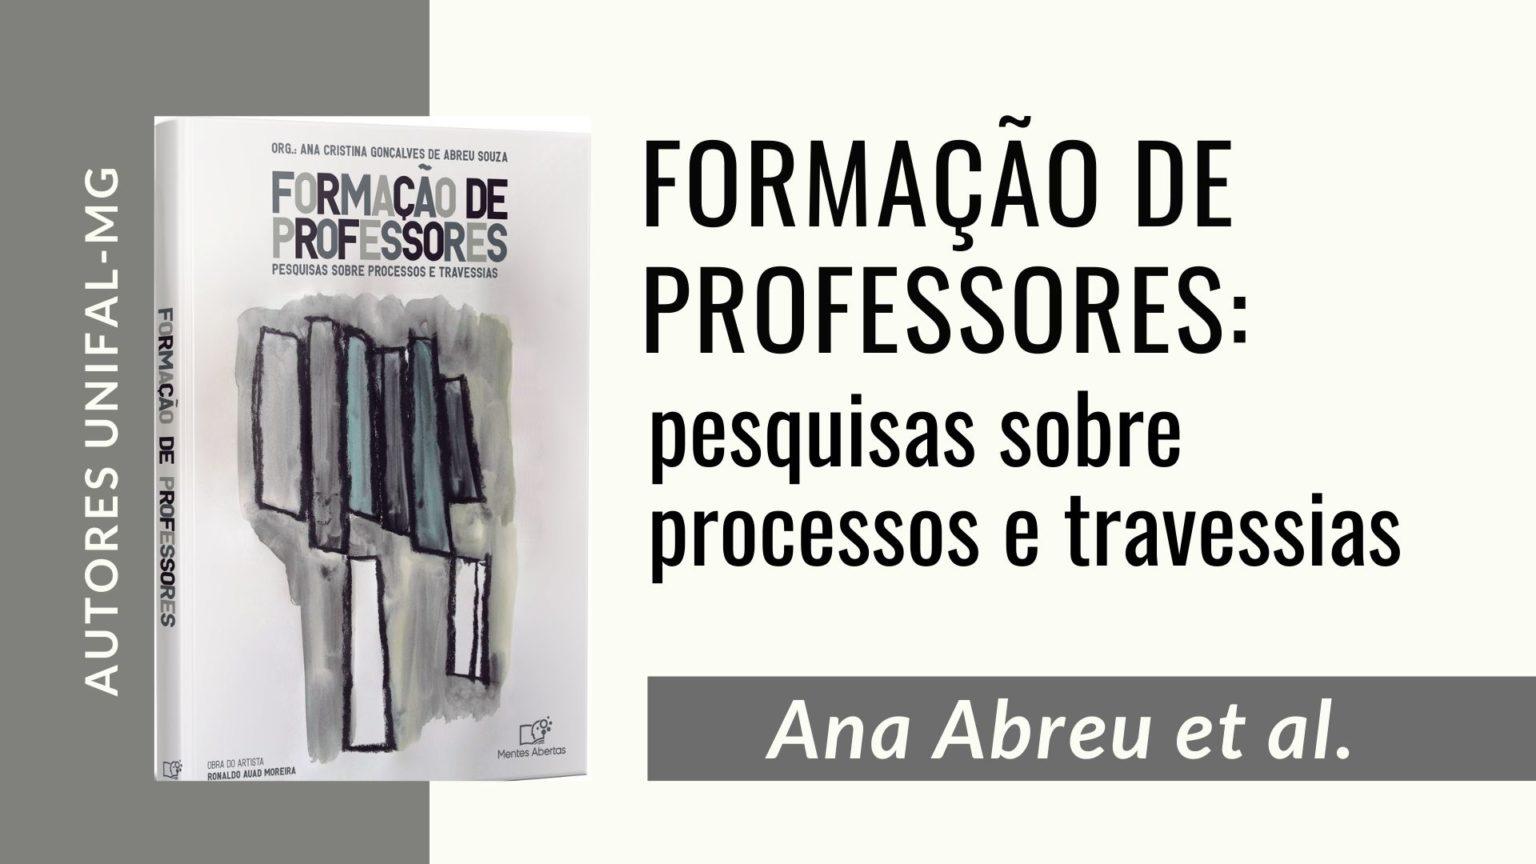 """""""Formação de Professores: pesquisas sobre processos e travessias"""" – Ana Abreu et al."""